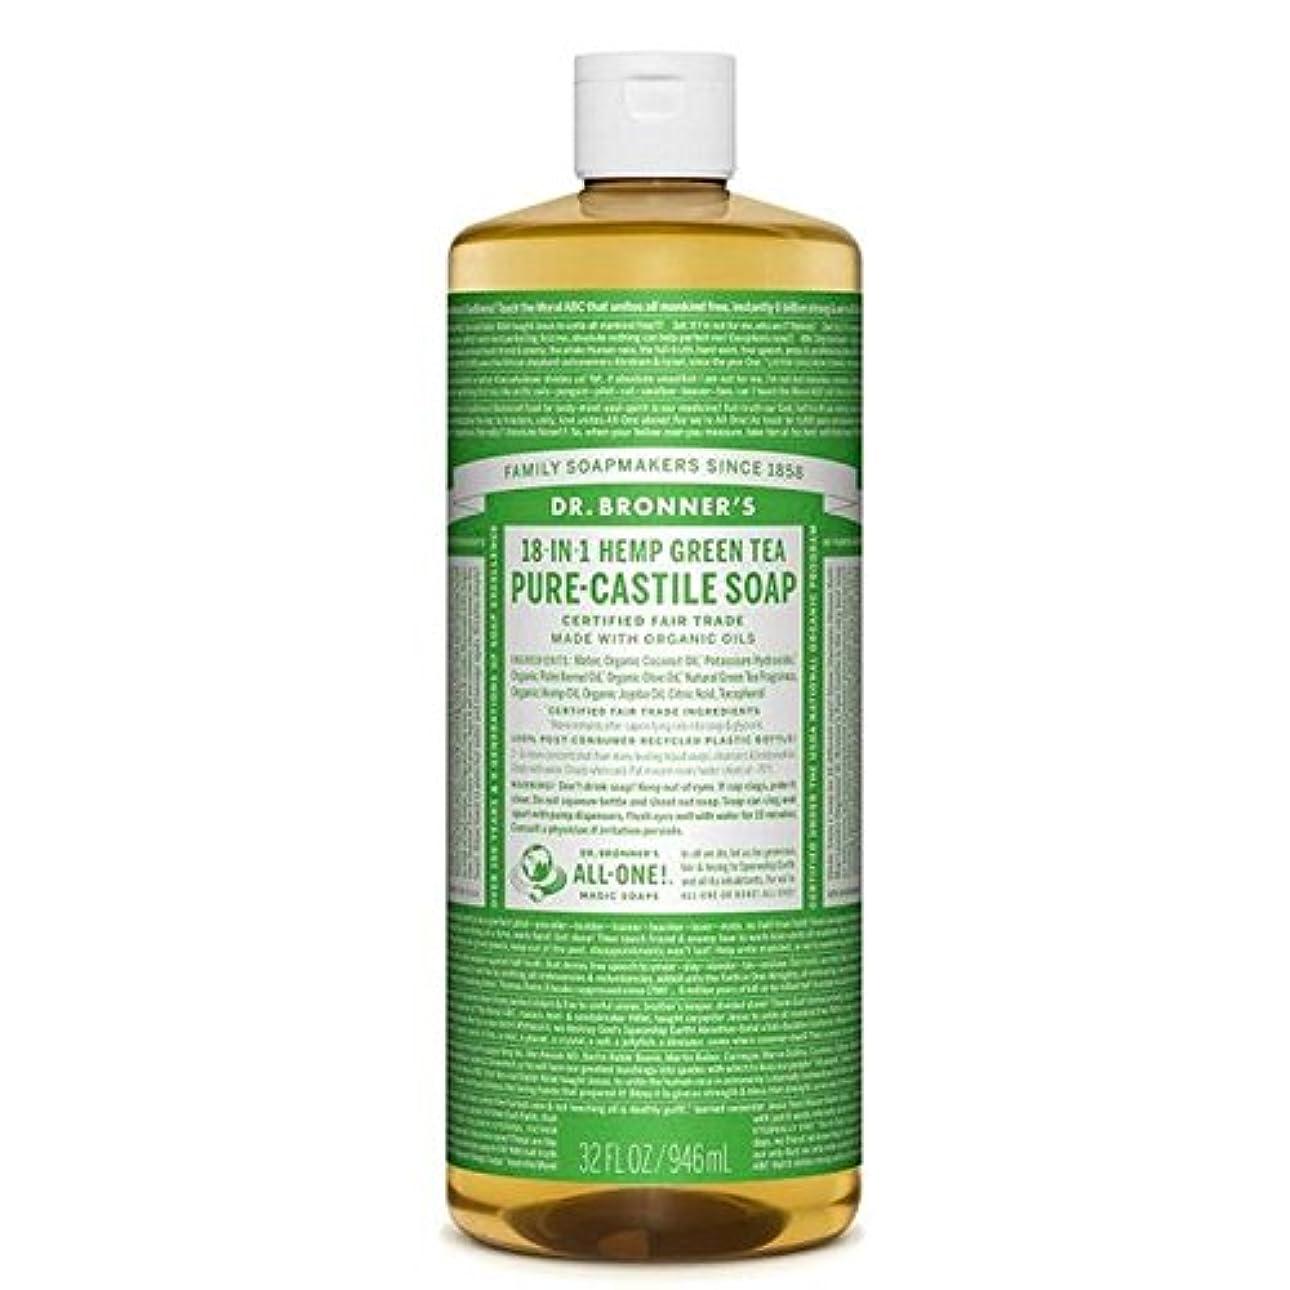 スポーツ彼自身荒野Dr Bronner Organic Green Tea Castile Liquid Soap 946ml (Pack of 6) - のブロナー有機緑茶カスティーリャ液体石鹸946ミリリットル x6 [並行輸入品]